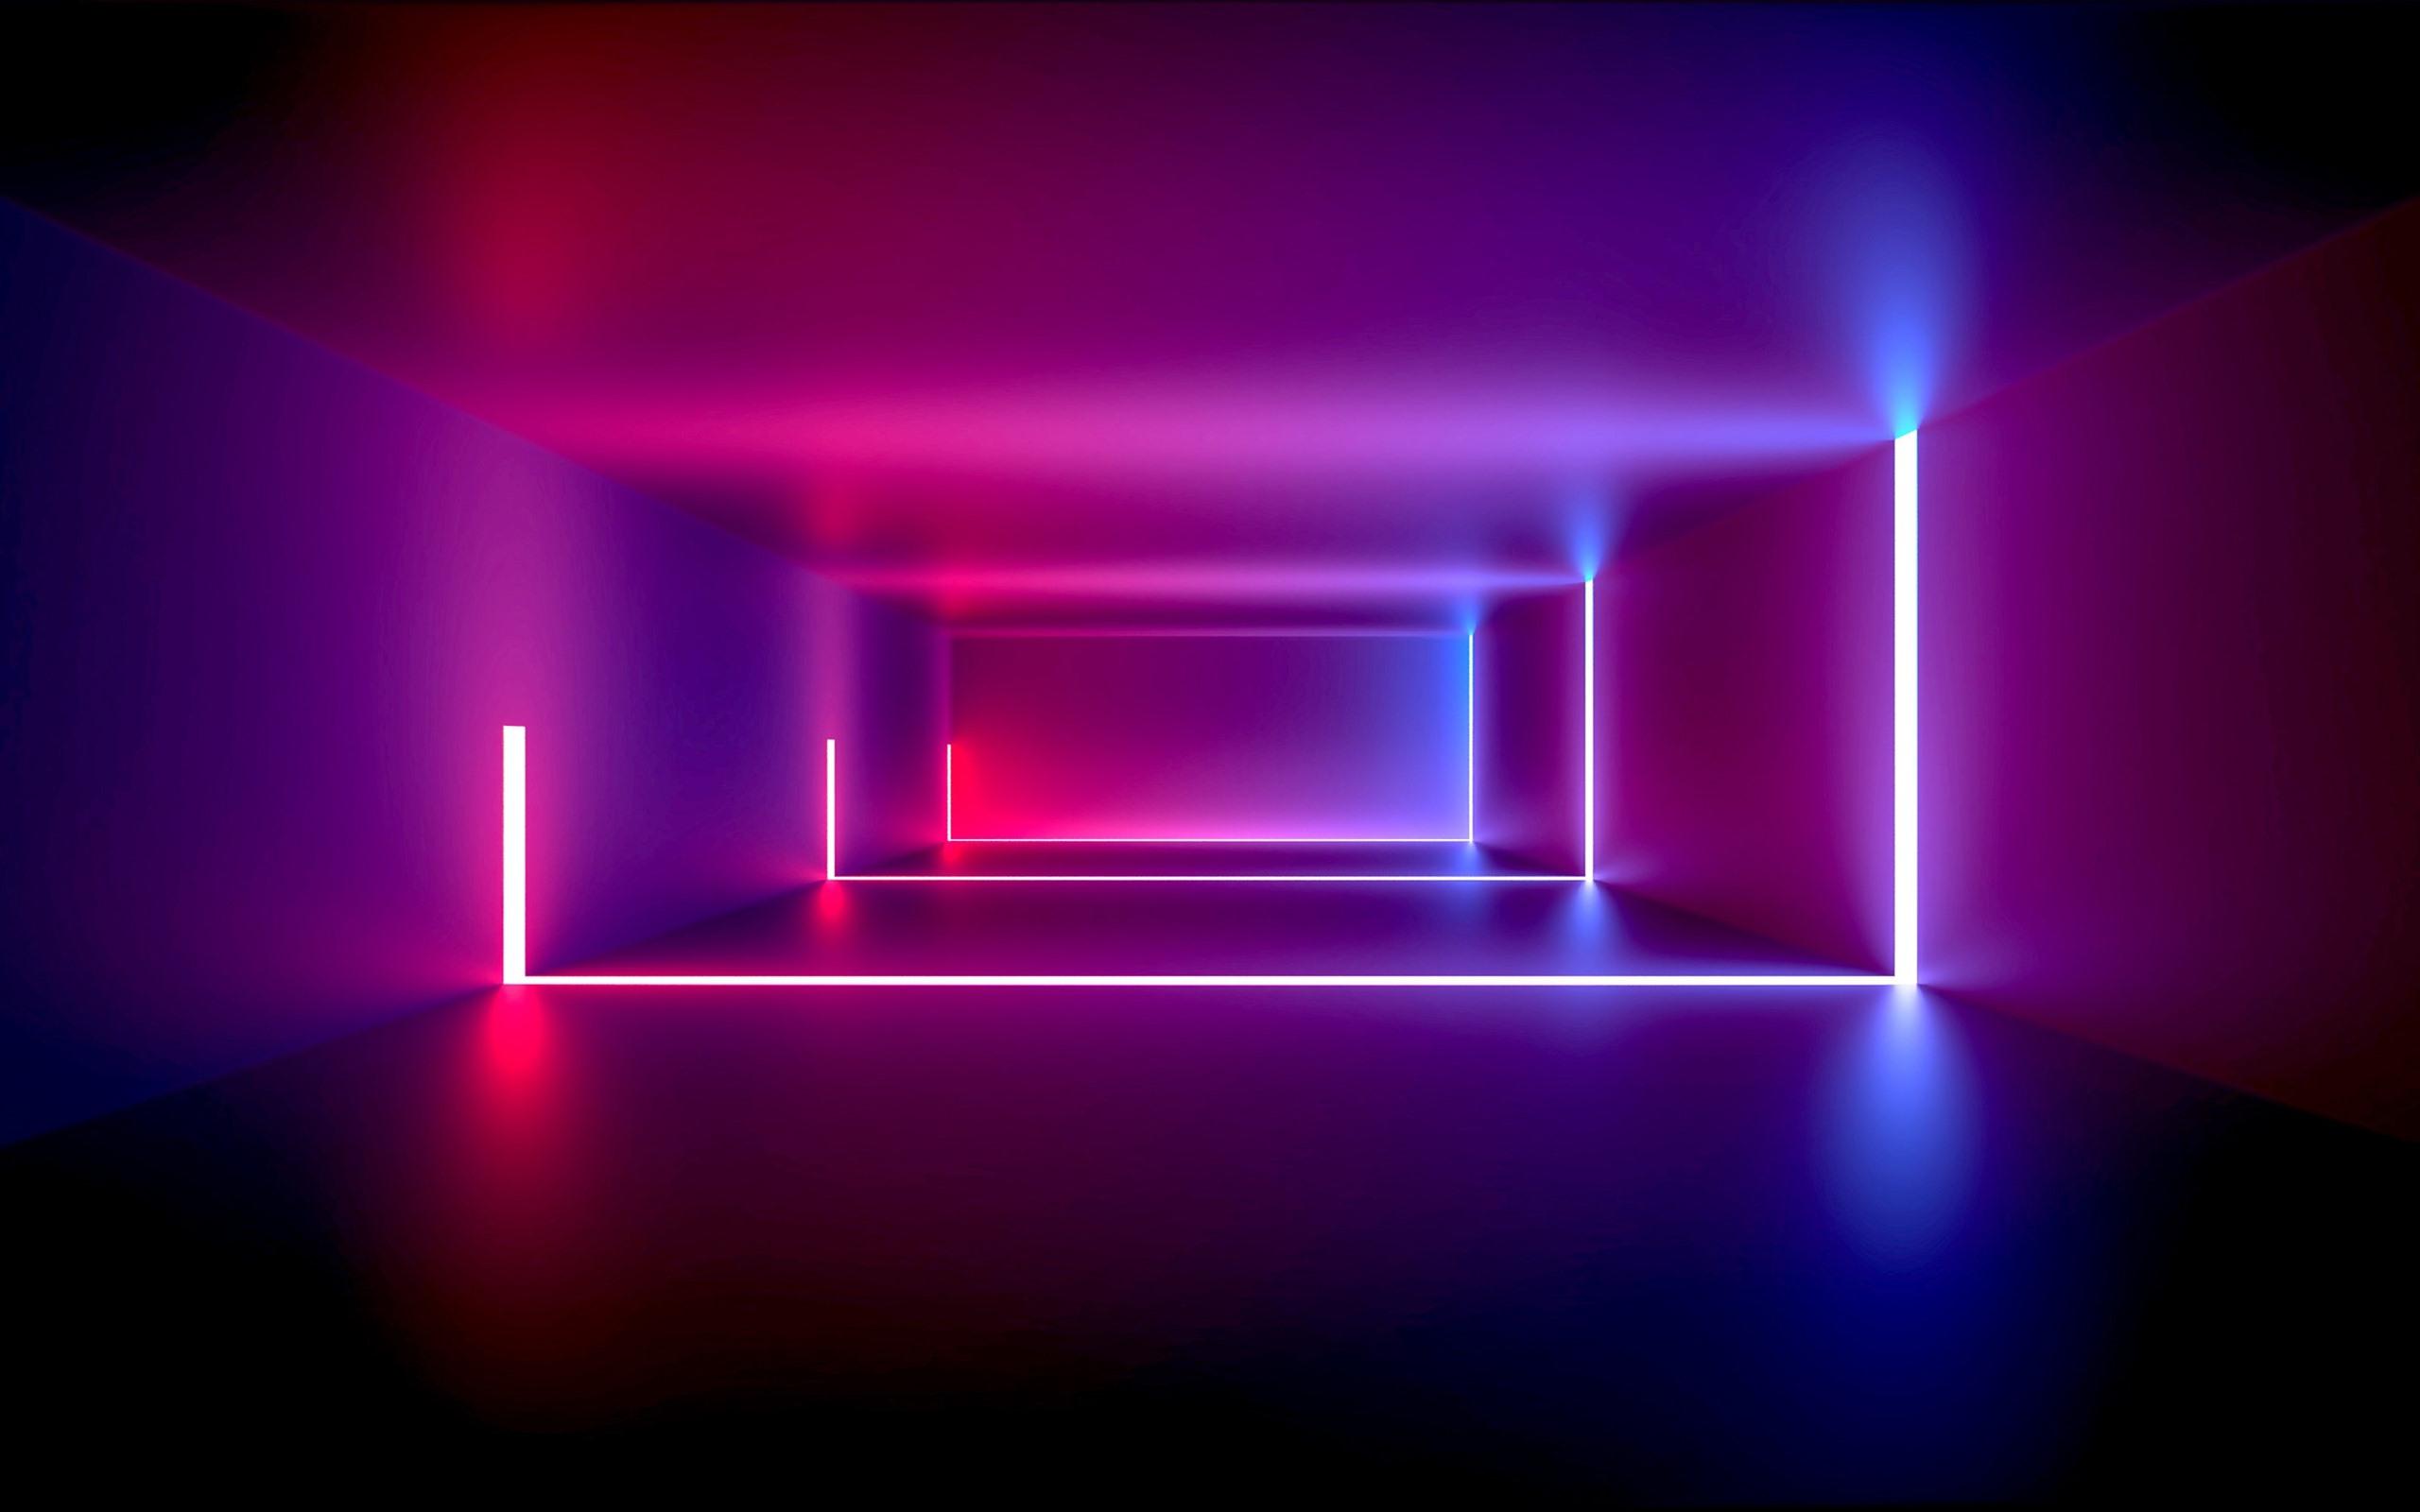 壁紙 部屋 ネオンライト パープルスタイル 抽象的なデザイン